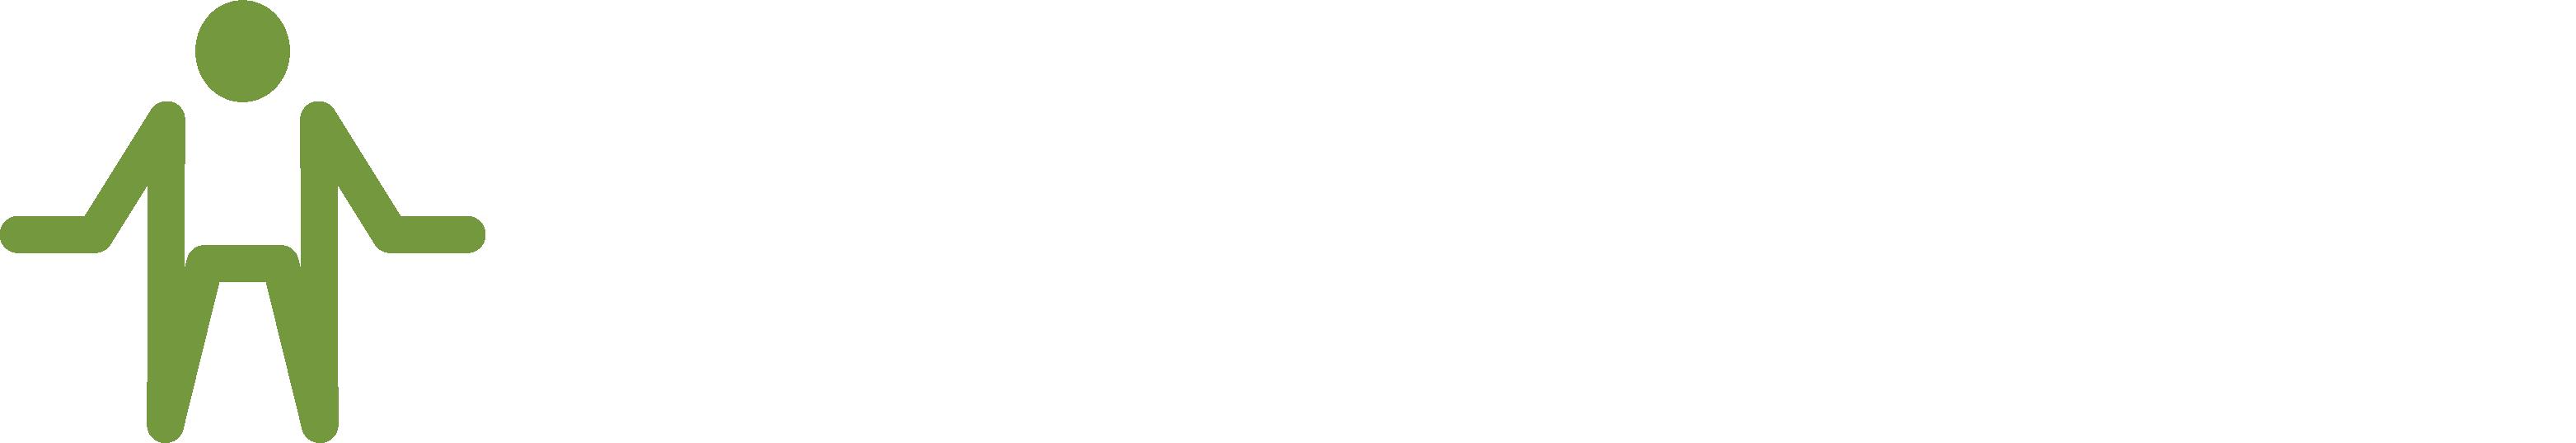 HUSO-Pro-Logo-White